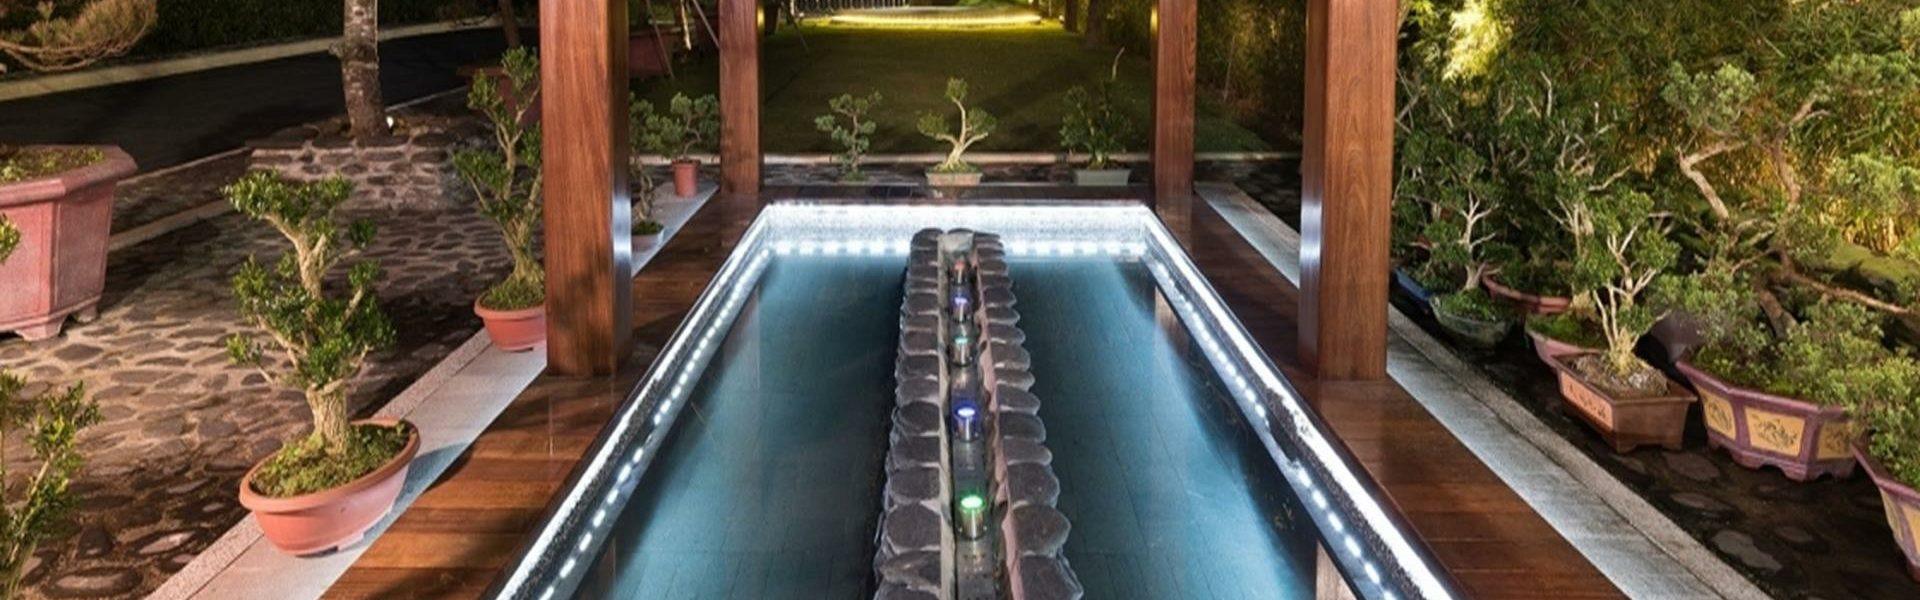 【宜蘭礁溪親子飯店】飯店就是度假勝地!適合大人泡湯、小孩放電的礁溪一站式度假村!